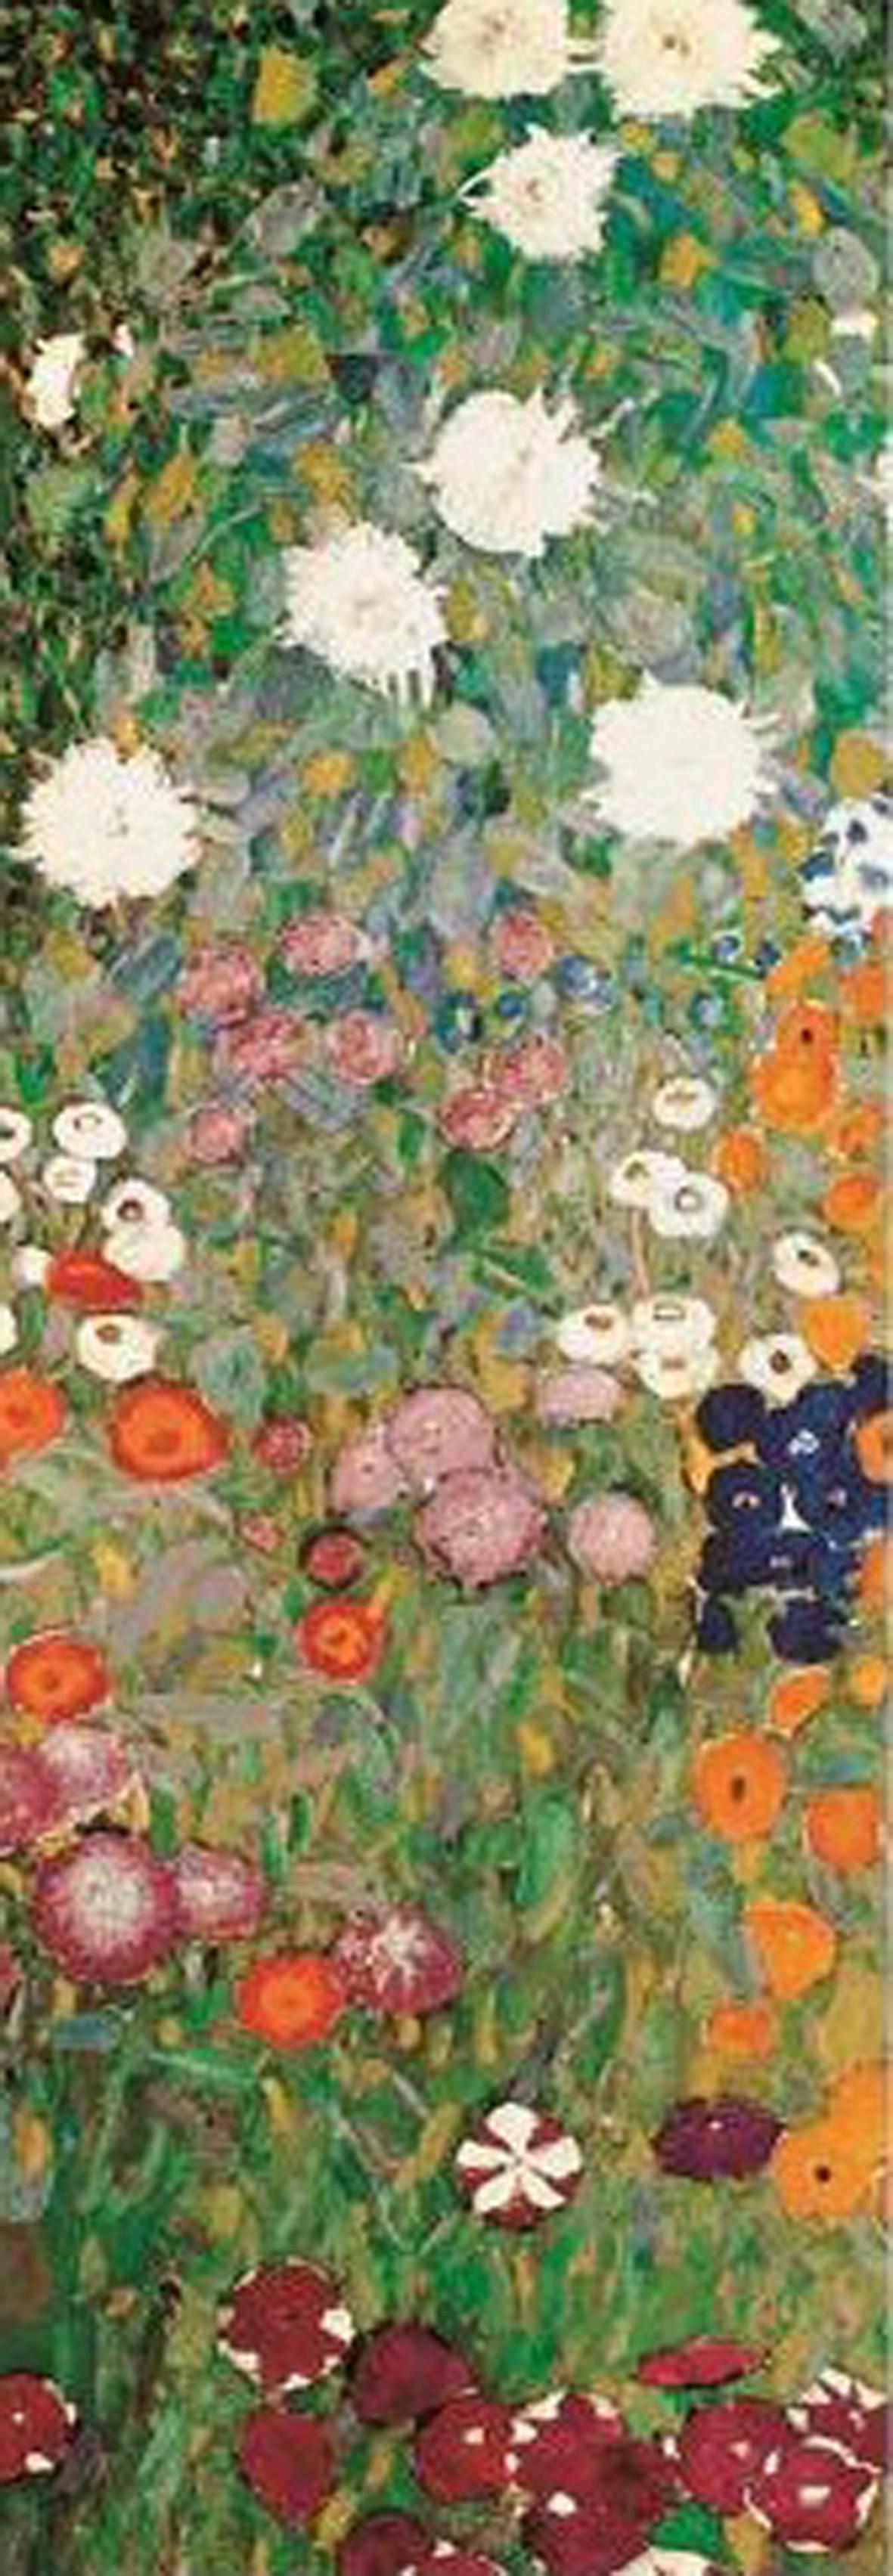 3002N00019 - Klimt, Gustav- Flower garde